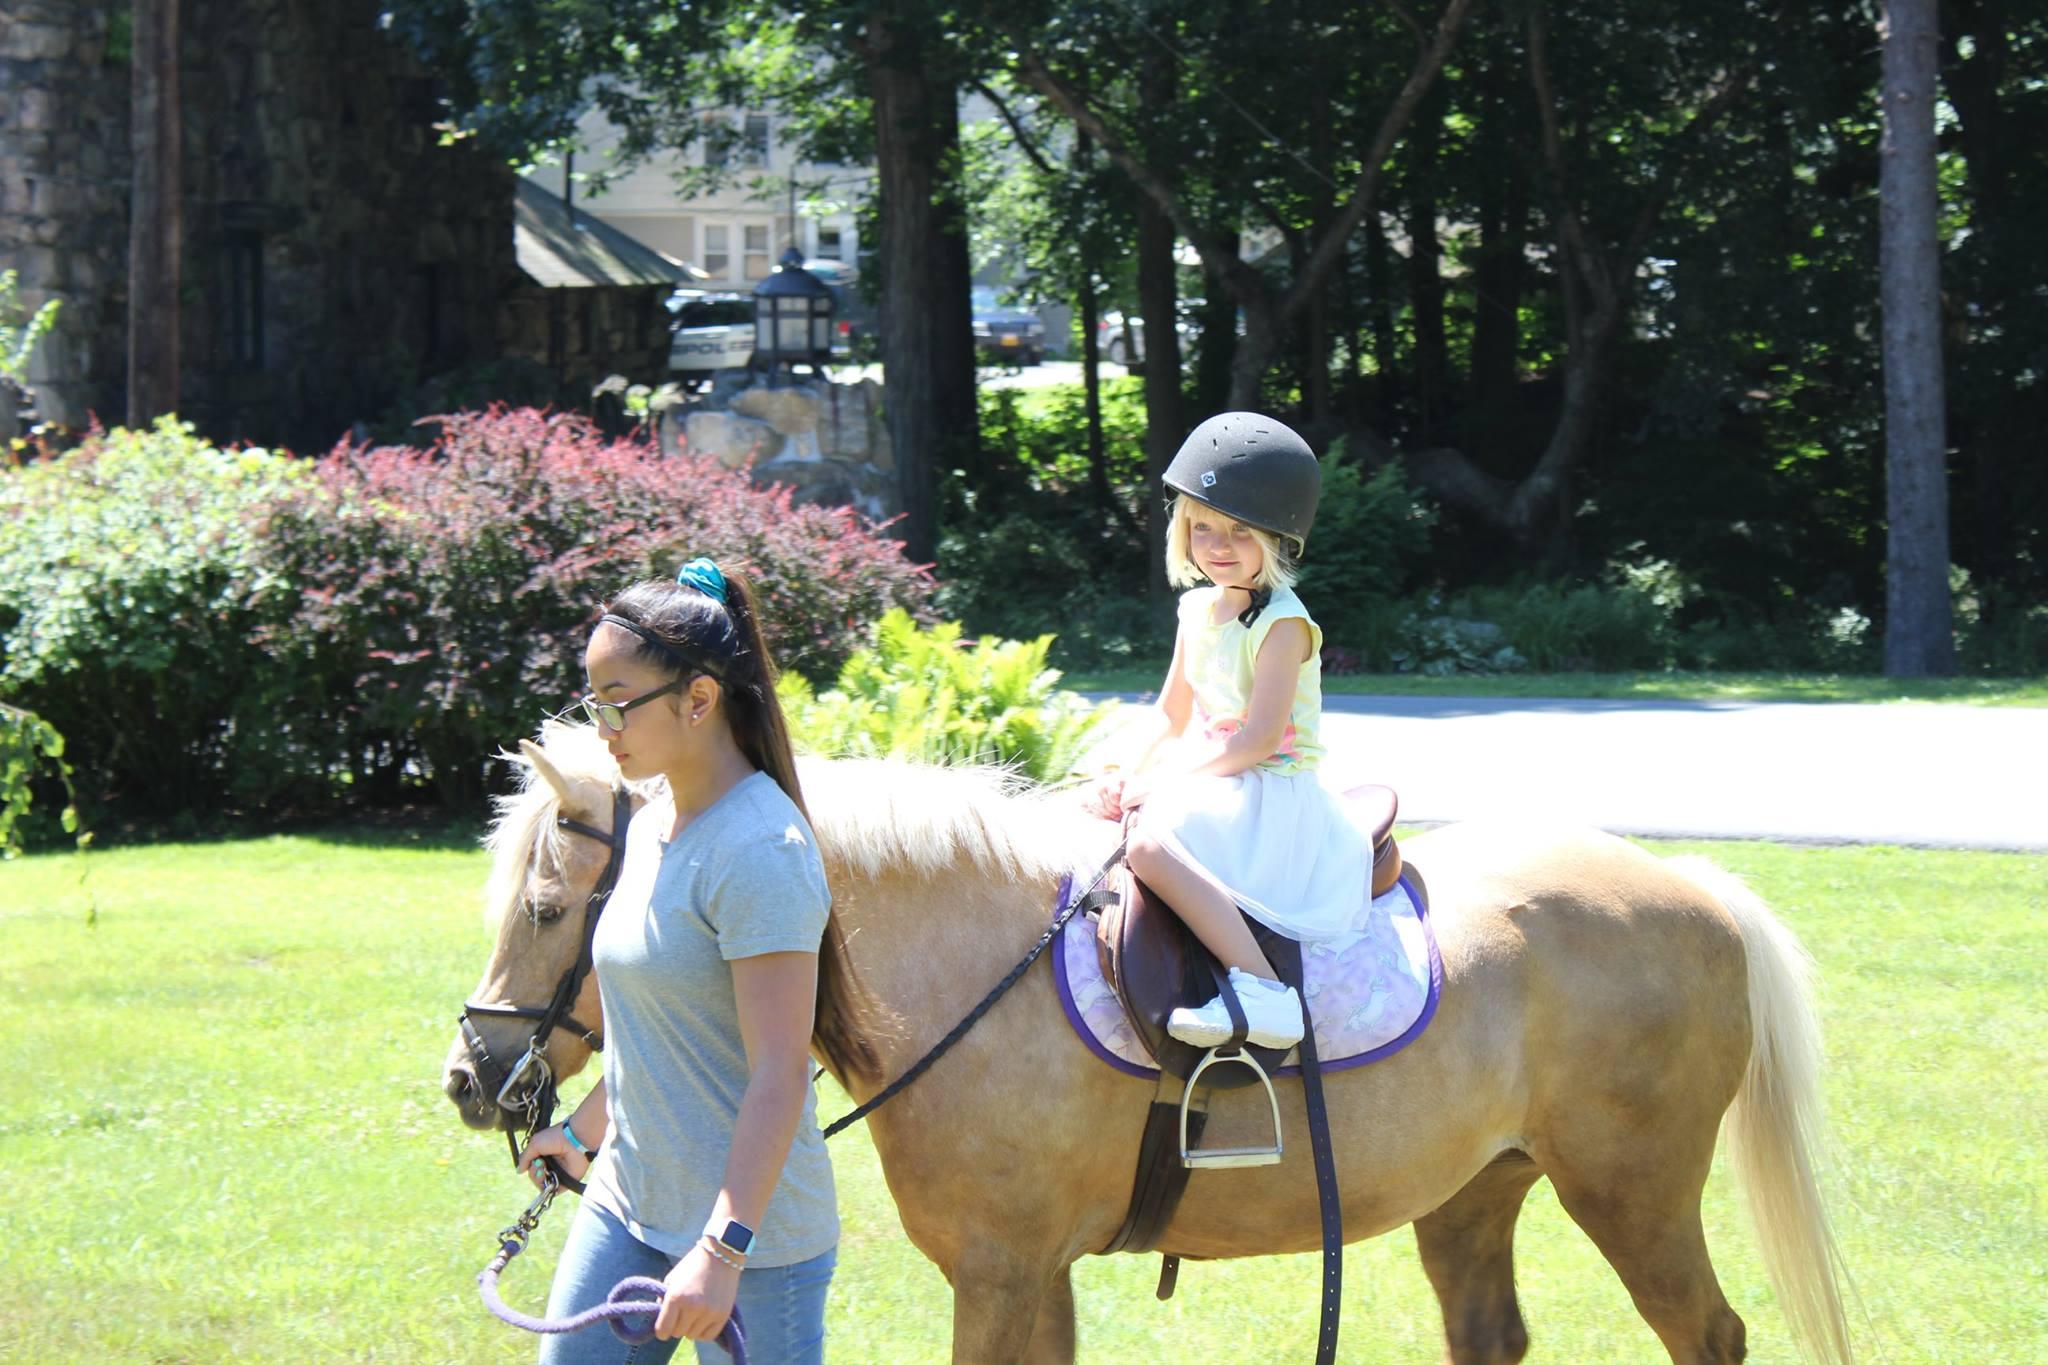 kid on pony.jpg